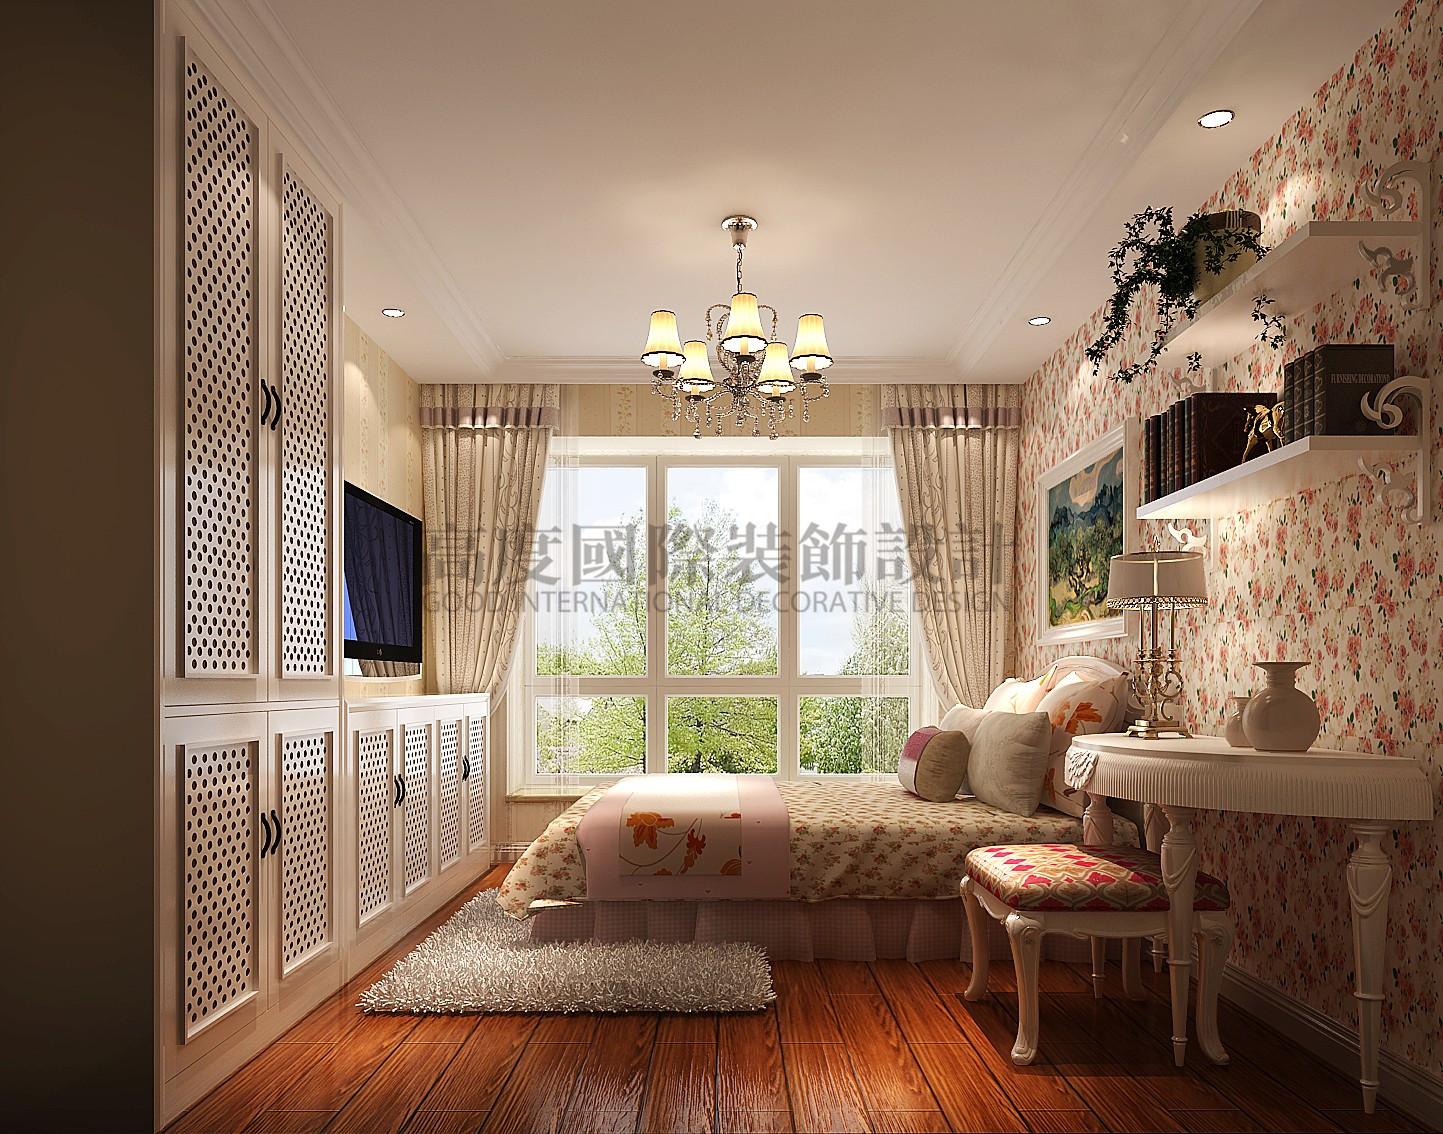 保利百合花 高度国际 loft装修 高度样板间 卧室图片来自成都高度国际在保利百合花园—78loft—田园风的分享